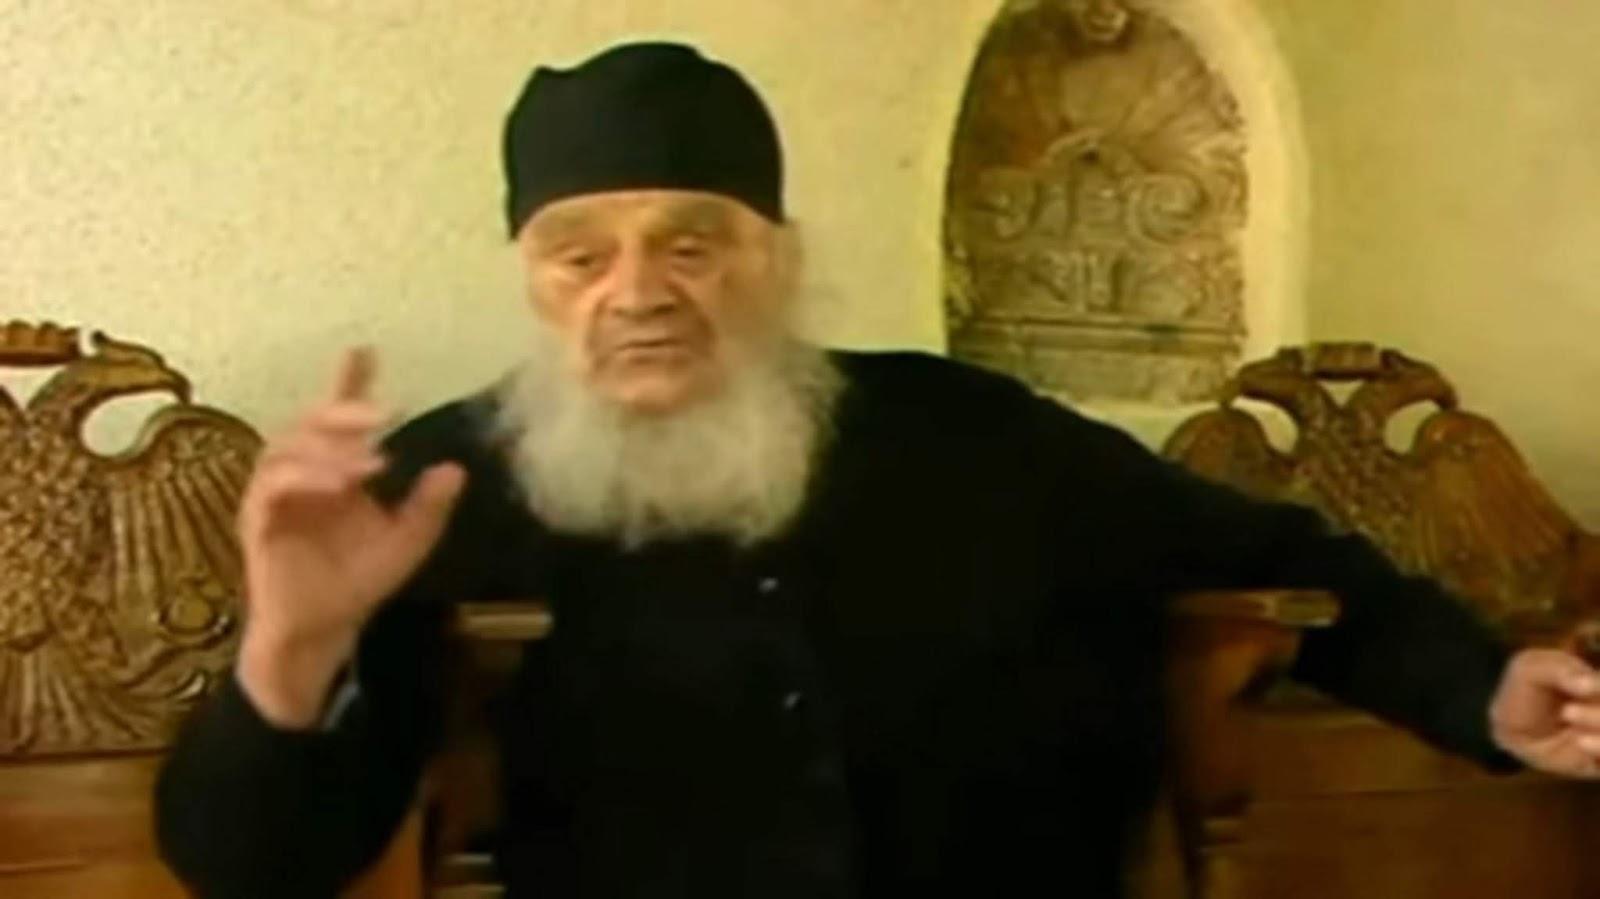 ΣΟΚΑΡΕΙ Ο διορατικός και προορατικός Αγιος ΓΕΡΩΝ ΑΜΒΡΟΣΙΟΣ ΛΑΖΑΡΗΣ...!!''ΜΗΝ  ΑΚΟΥΤΕ ΨΕΥΔΟΠΡΟΦΗΤΕΣ....Από τα 10 εκατομμύρια Έλληνες θα σωθούνε...τα 2  εκατομμύρια...ΟΣΟΙ ΔΕΝ ΑΛΛΑΞΟΥΝ...ΟΣΟΙ ΚΡΑΤΗΣΟΥΝ...ΣΑΣ ΛΕΩ ΤΙ ΘΑ  ΣΥΜΒΕΙ...ΤΙ ΝΑ ΑΠΟΦΥΓΕΤΕ...ΑΚΟΥΣΤΕ ΜΕ ...